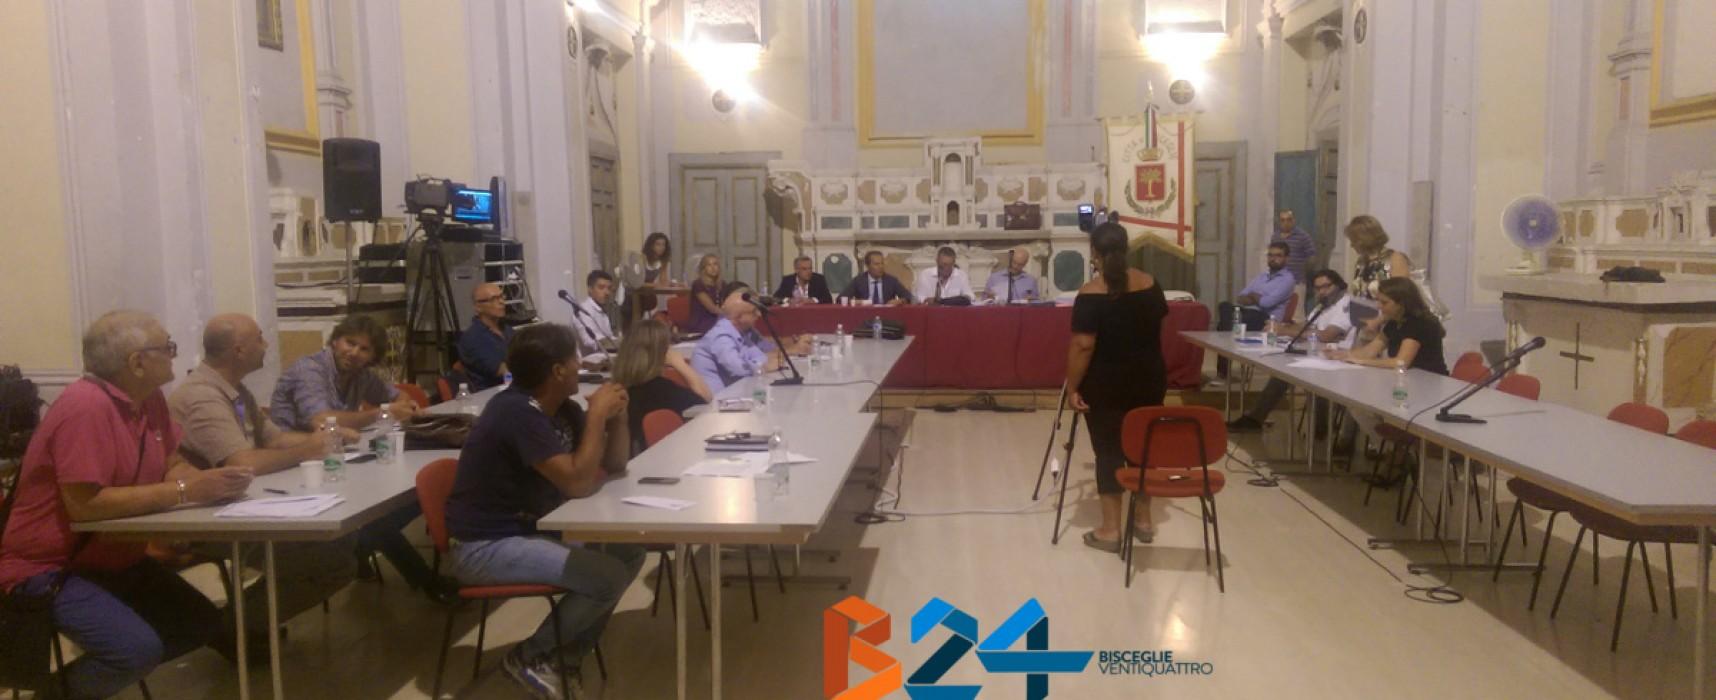 Consiglio comunale, approvato il Dup 2017-2019 e il riequilibrio di bilancio